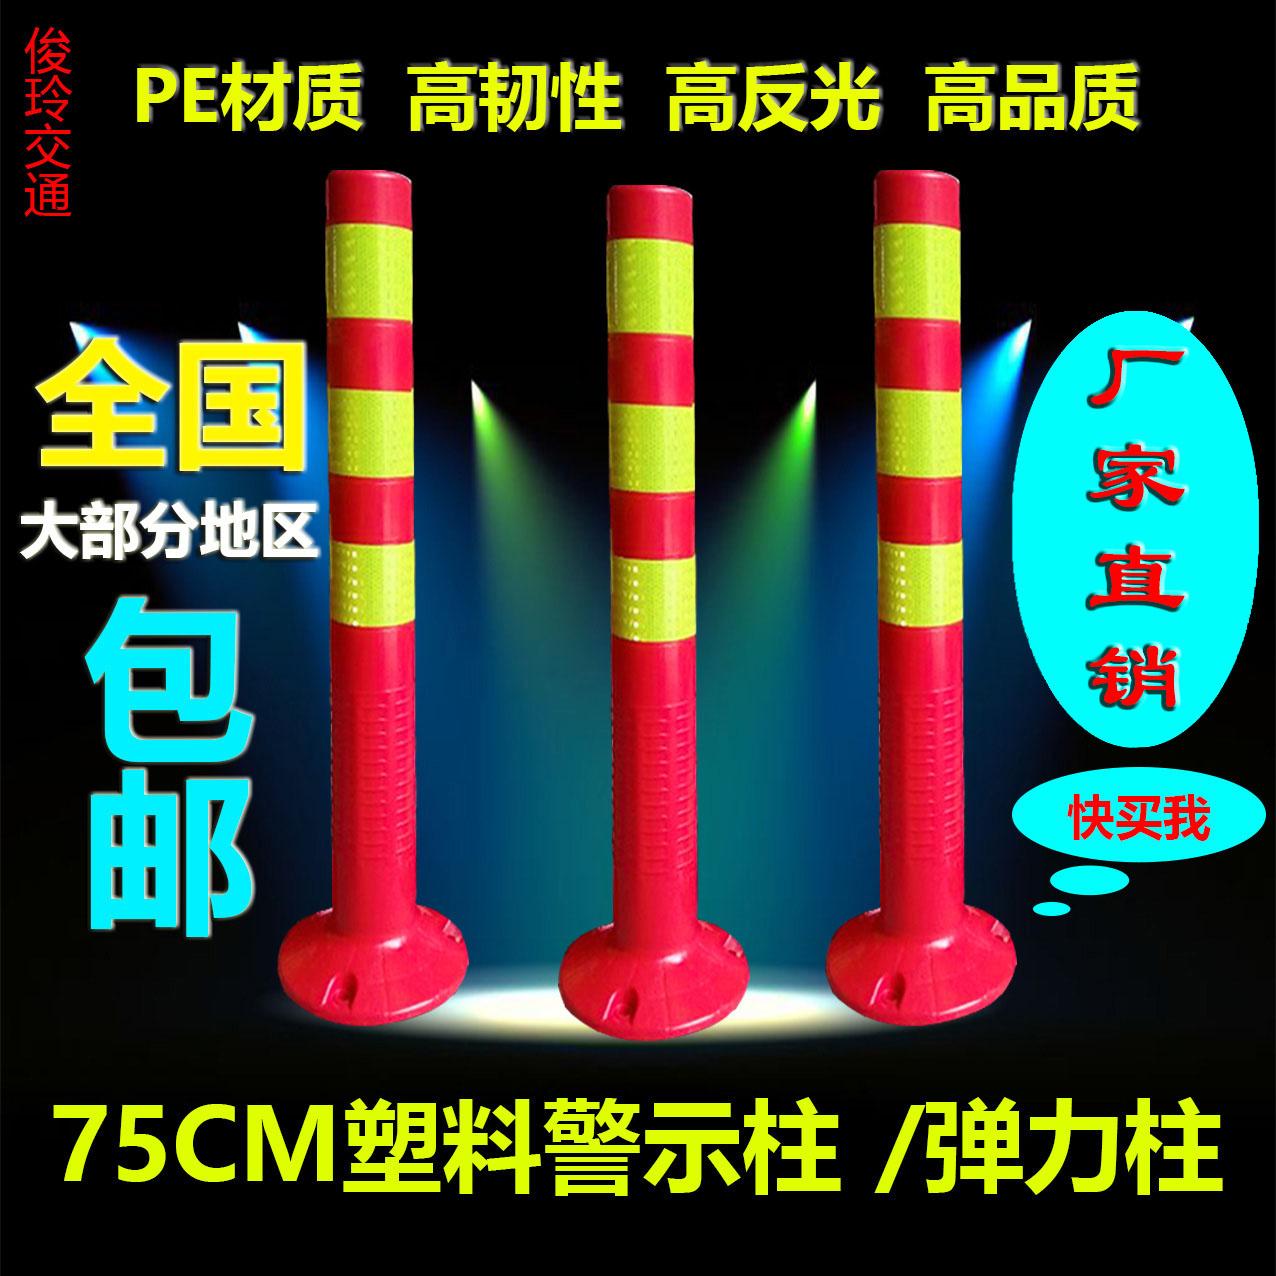 Бесплатная доставка 75CM пластик предупреждение колонка эластичность колонка изоляция куча забор траффик установить применять барьер шило отражающий колонка авария колонка